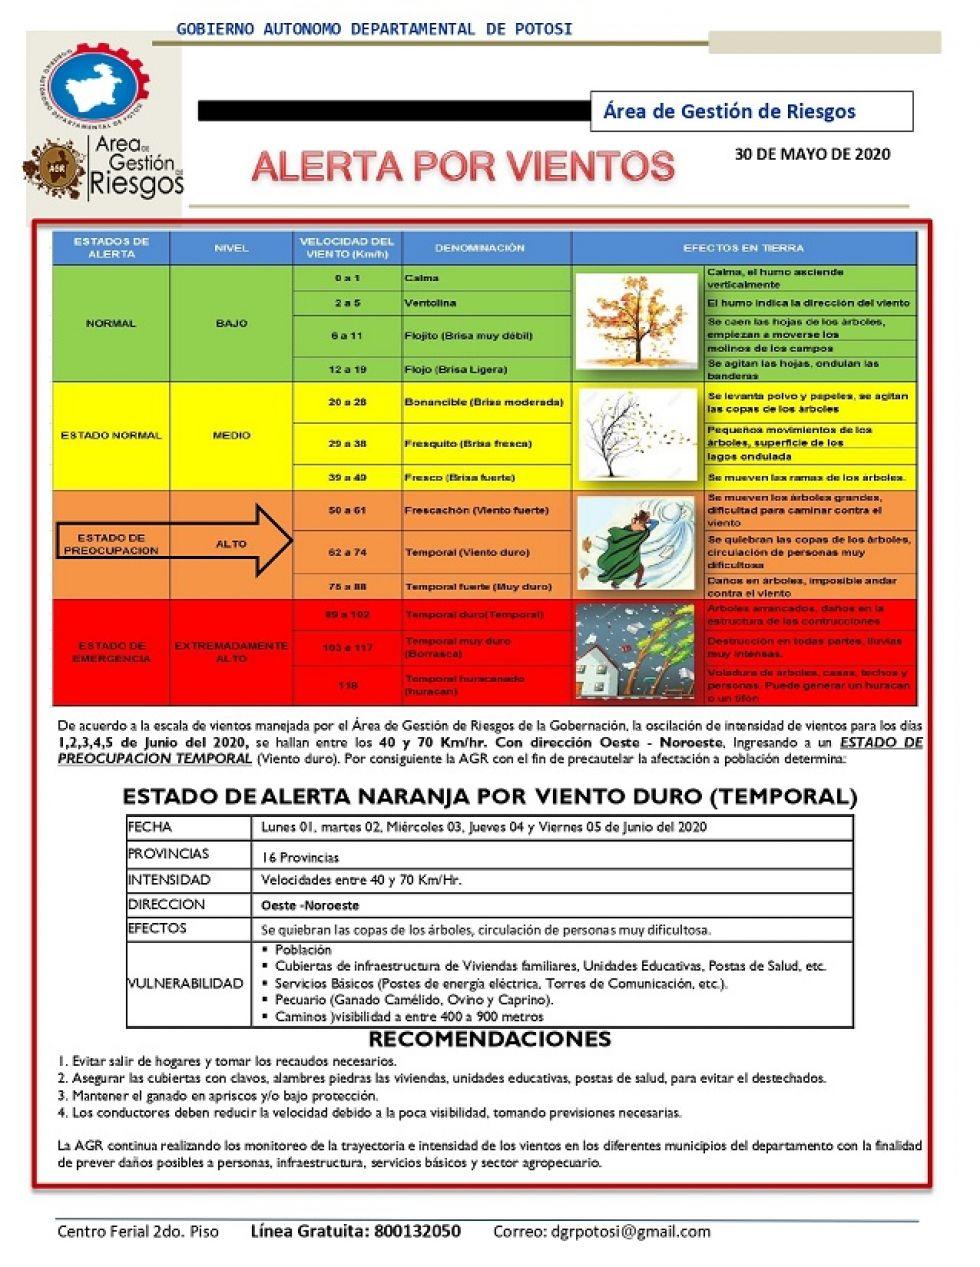 Declaran alerta por fuertes vientos en el Departamento de Potosí